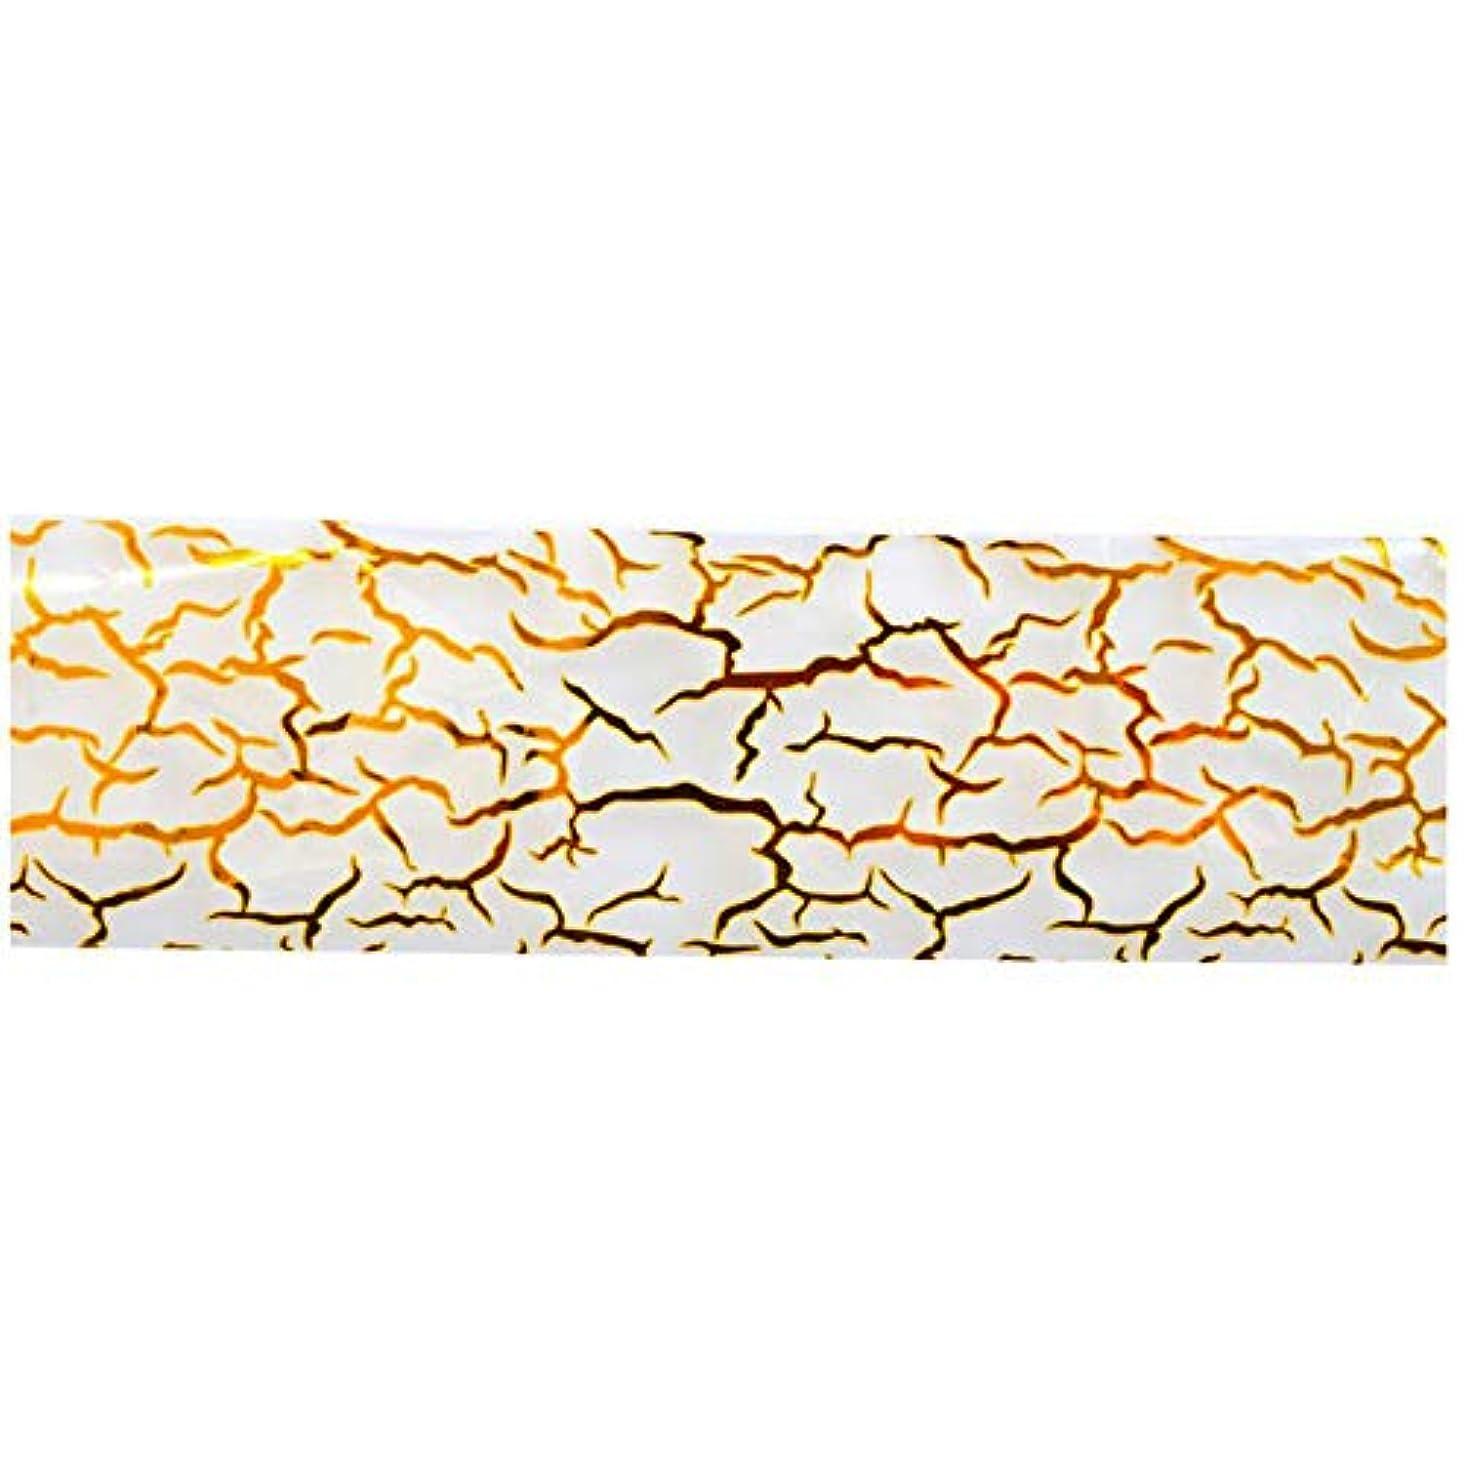 人質割り当てドレイン100cmx4cmグリッターゴールドネイルアートグルーは、マニキュアツールシャイニング箔ステッカーネイルのヒントラップの装飾を転送します